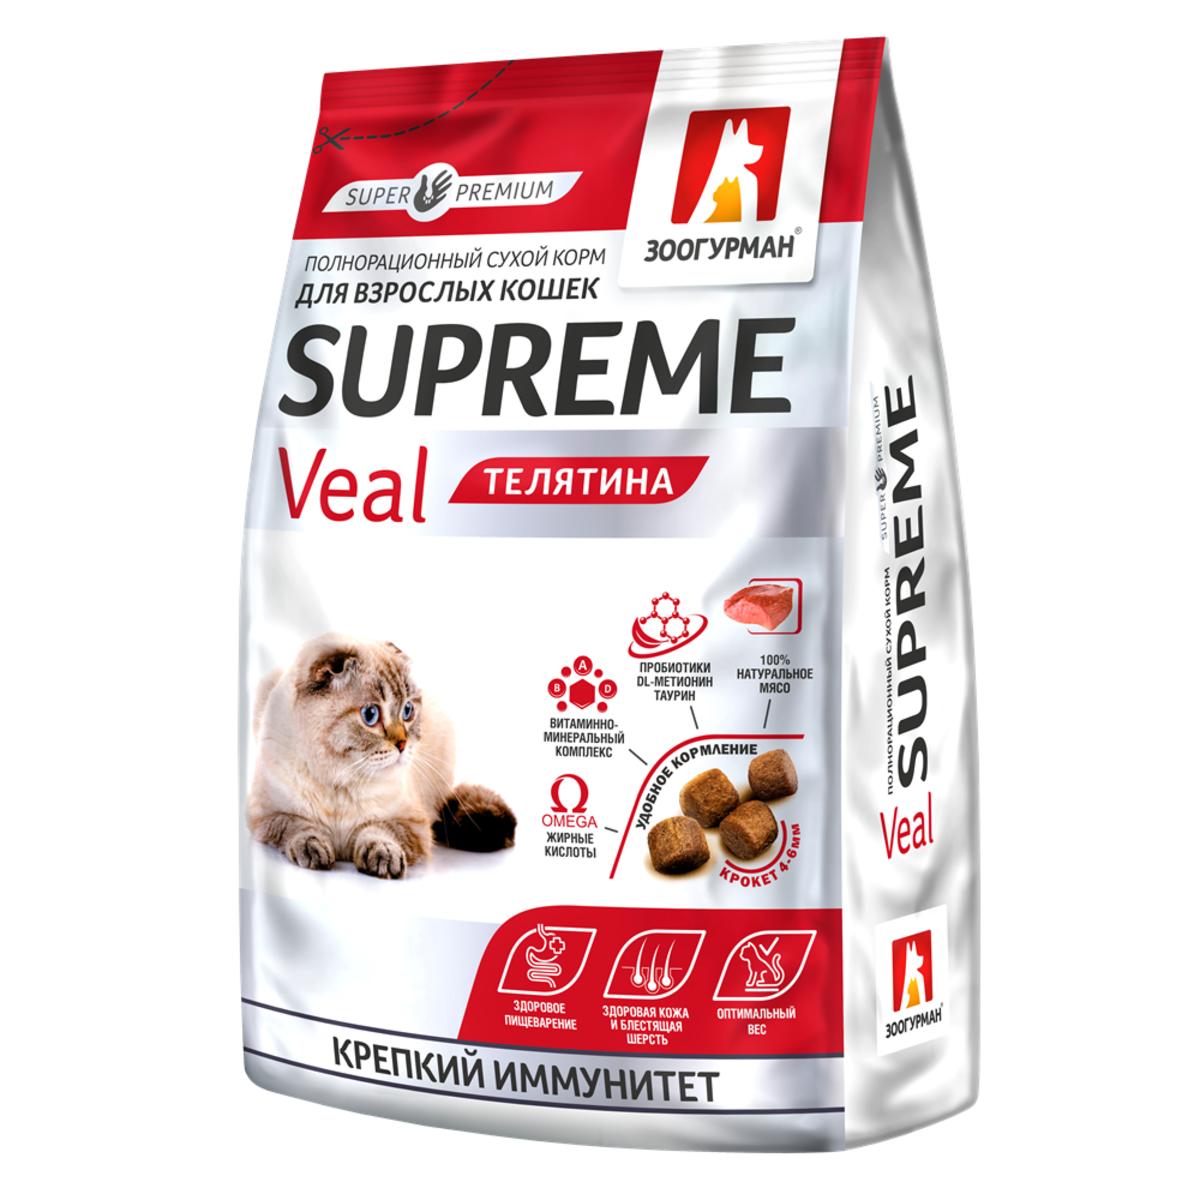 Полнорационный сухой корм для взрослых кошек Zoogurman Supreme Телятина/Veal 0.35кг